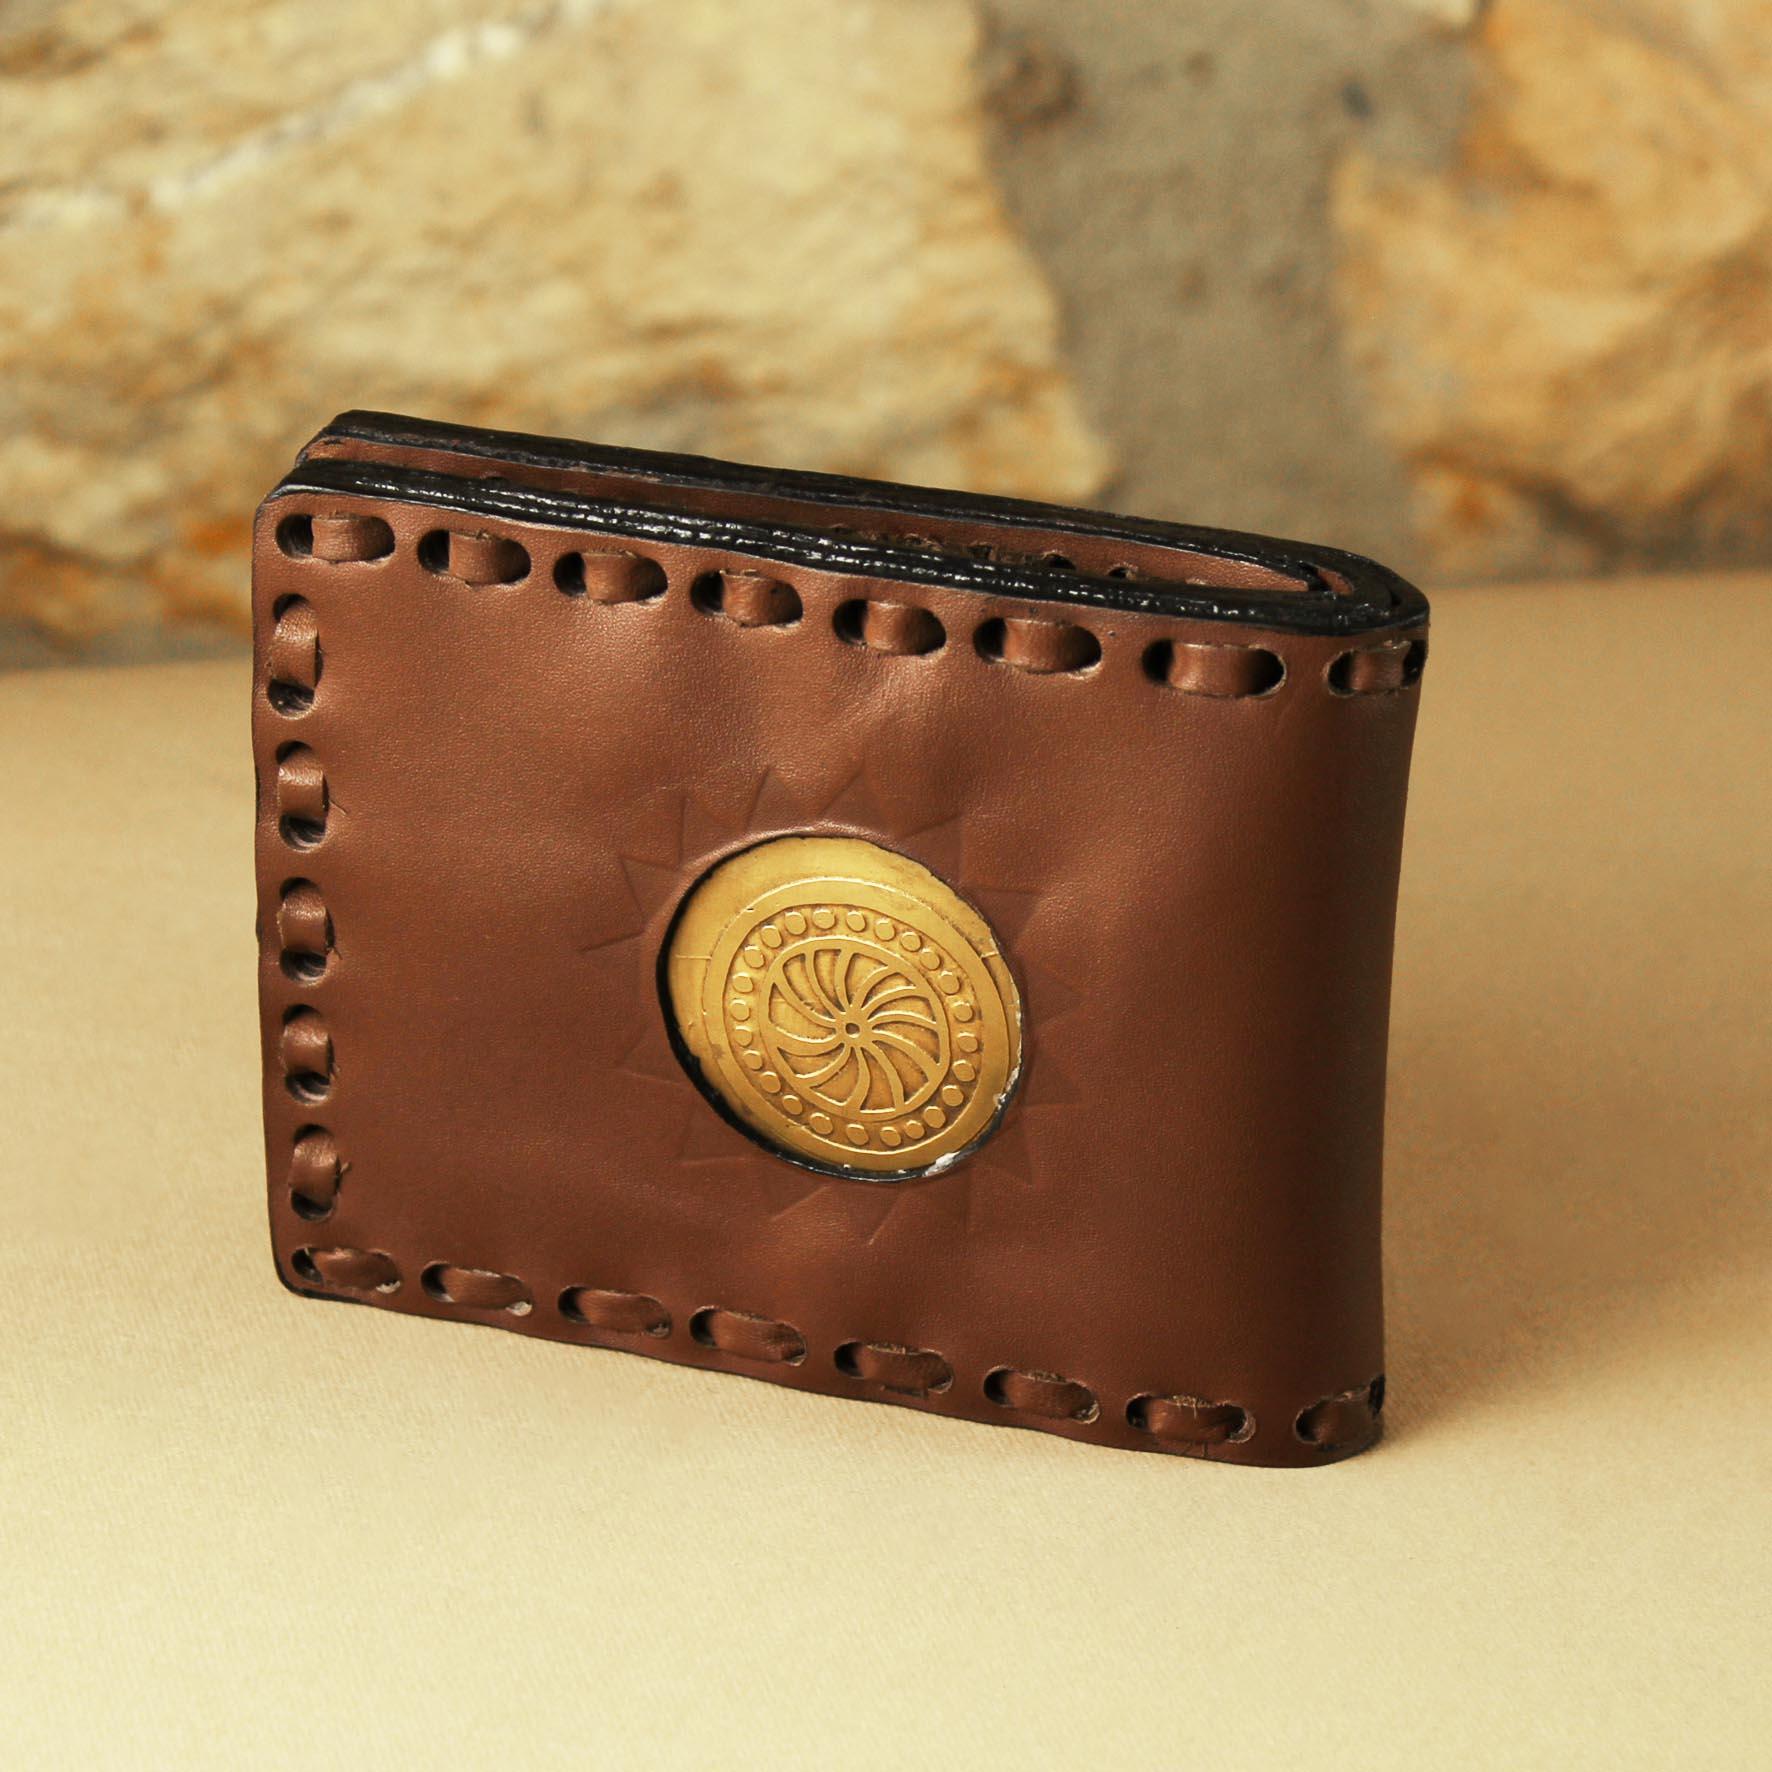 Brass & Leather Spiral Wallet